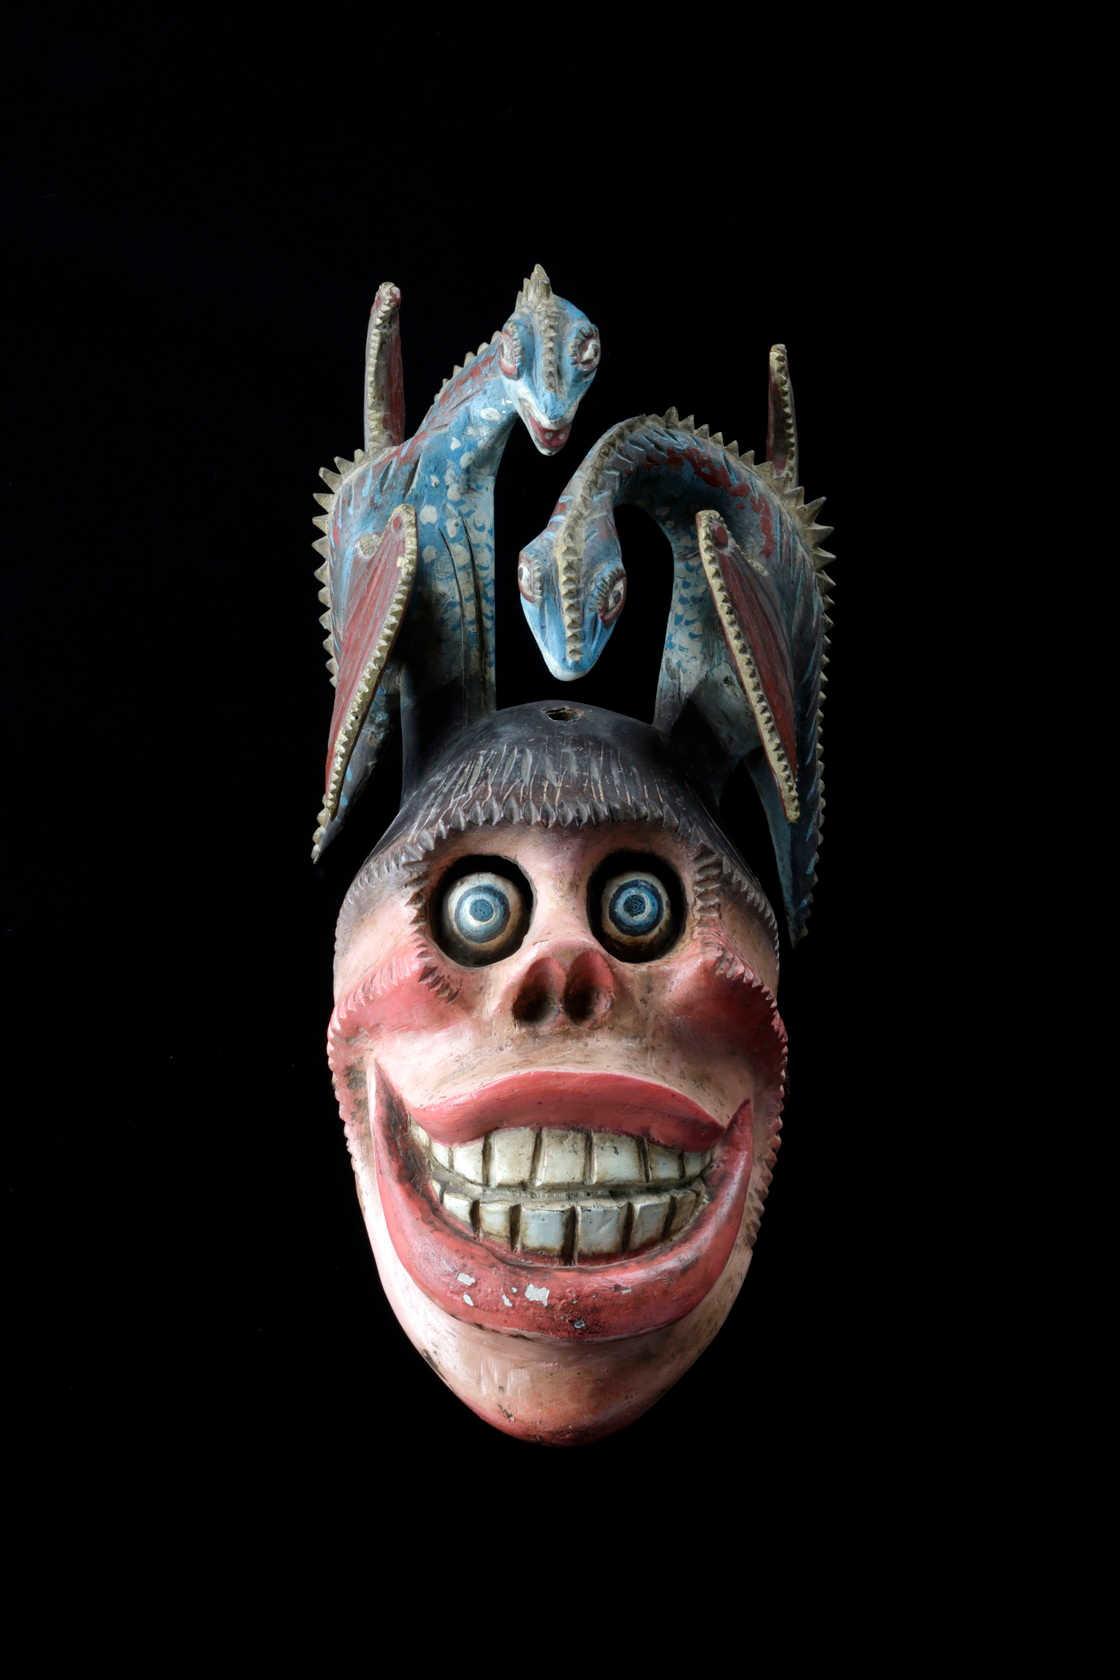 驚異と怪異――想像界の生きものたち